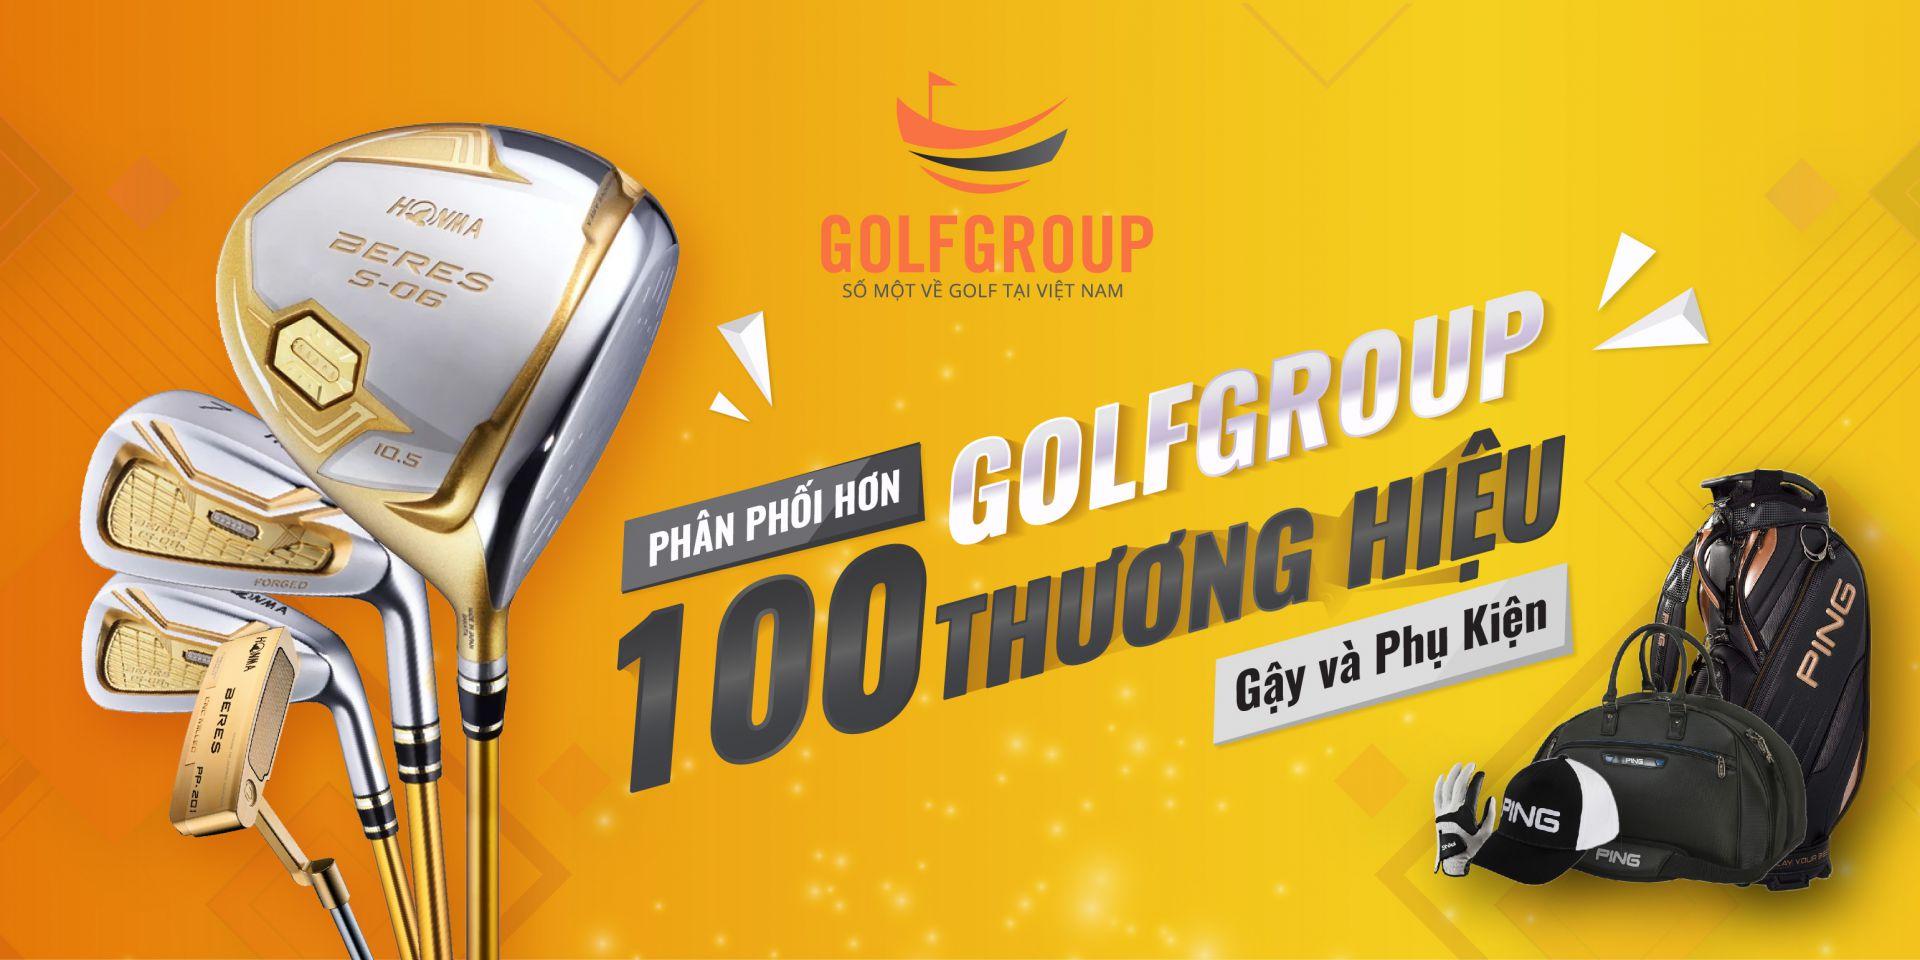 Đếm Ngược Ngày Ra Mắt Siêu Thị Golf Siêu Khủng Golfgroup Tại 30 Phạm Văn Đồng 11.11